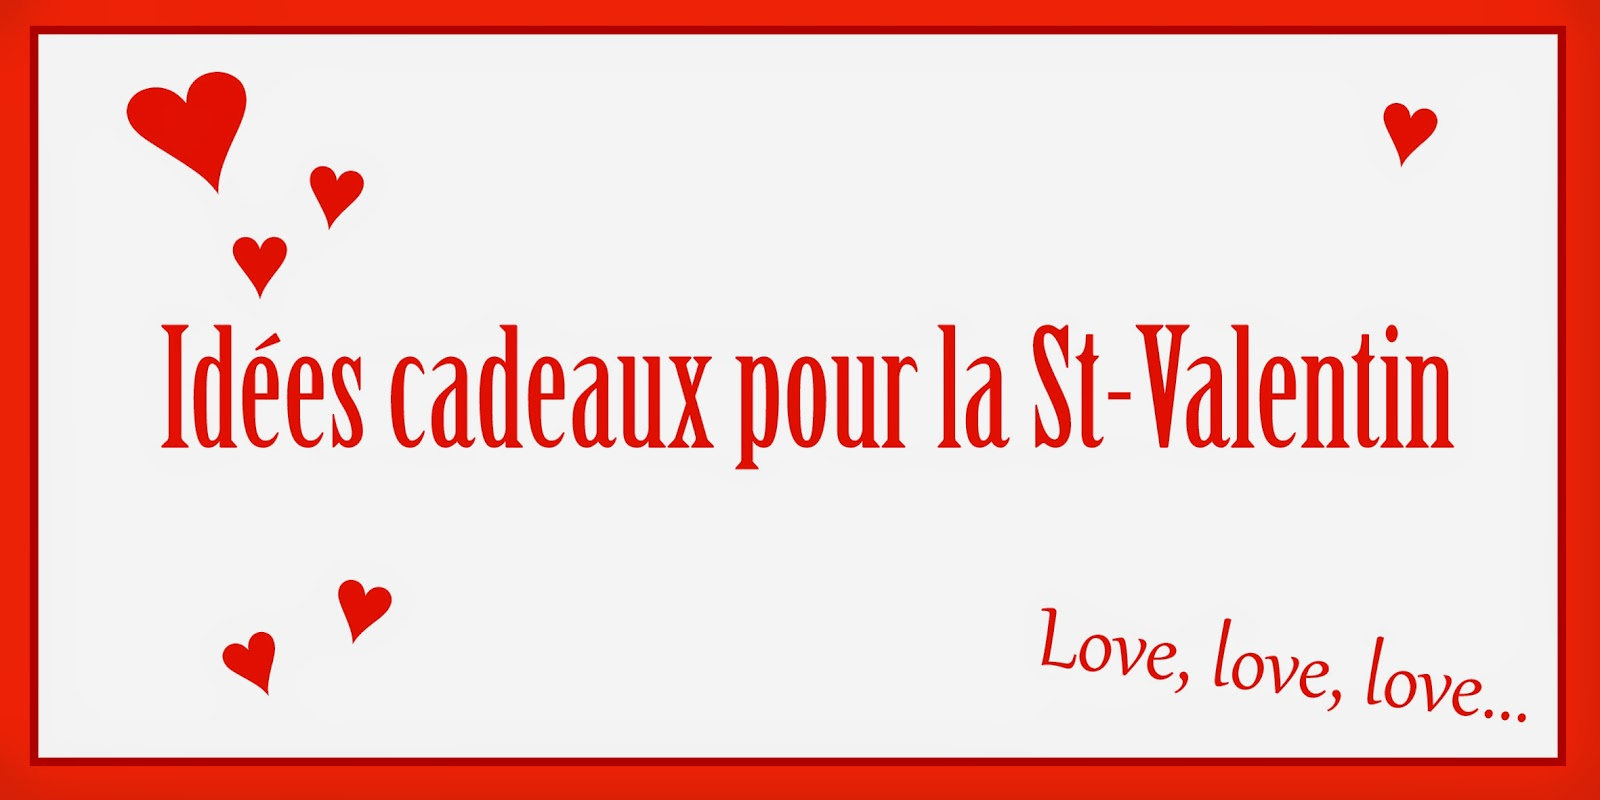 Id es cadeaux id es cadeaux pour la st valentin - Idee pour st valentin ...